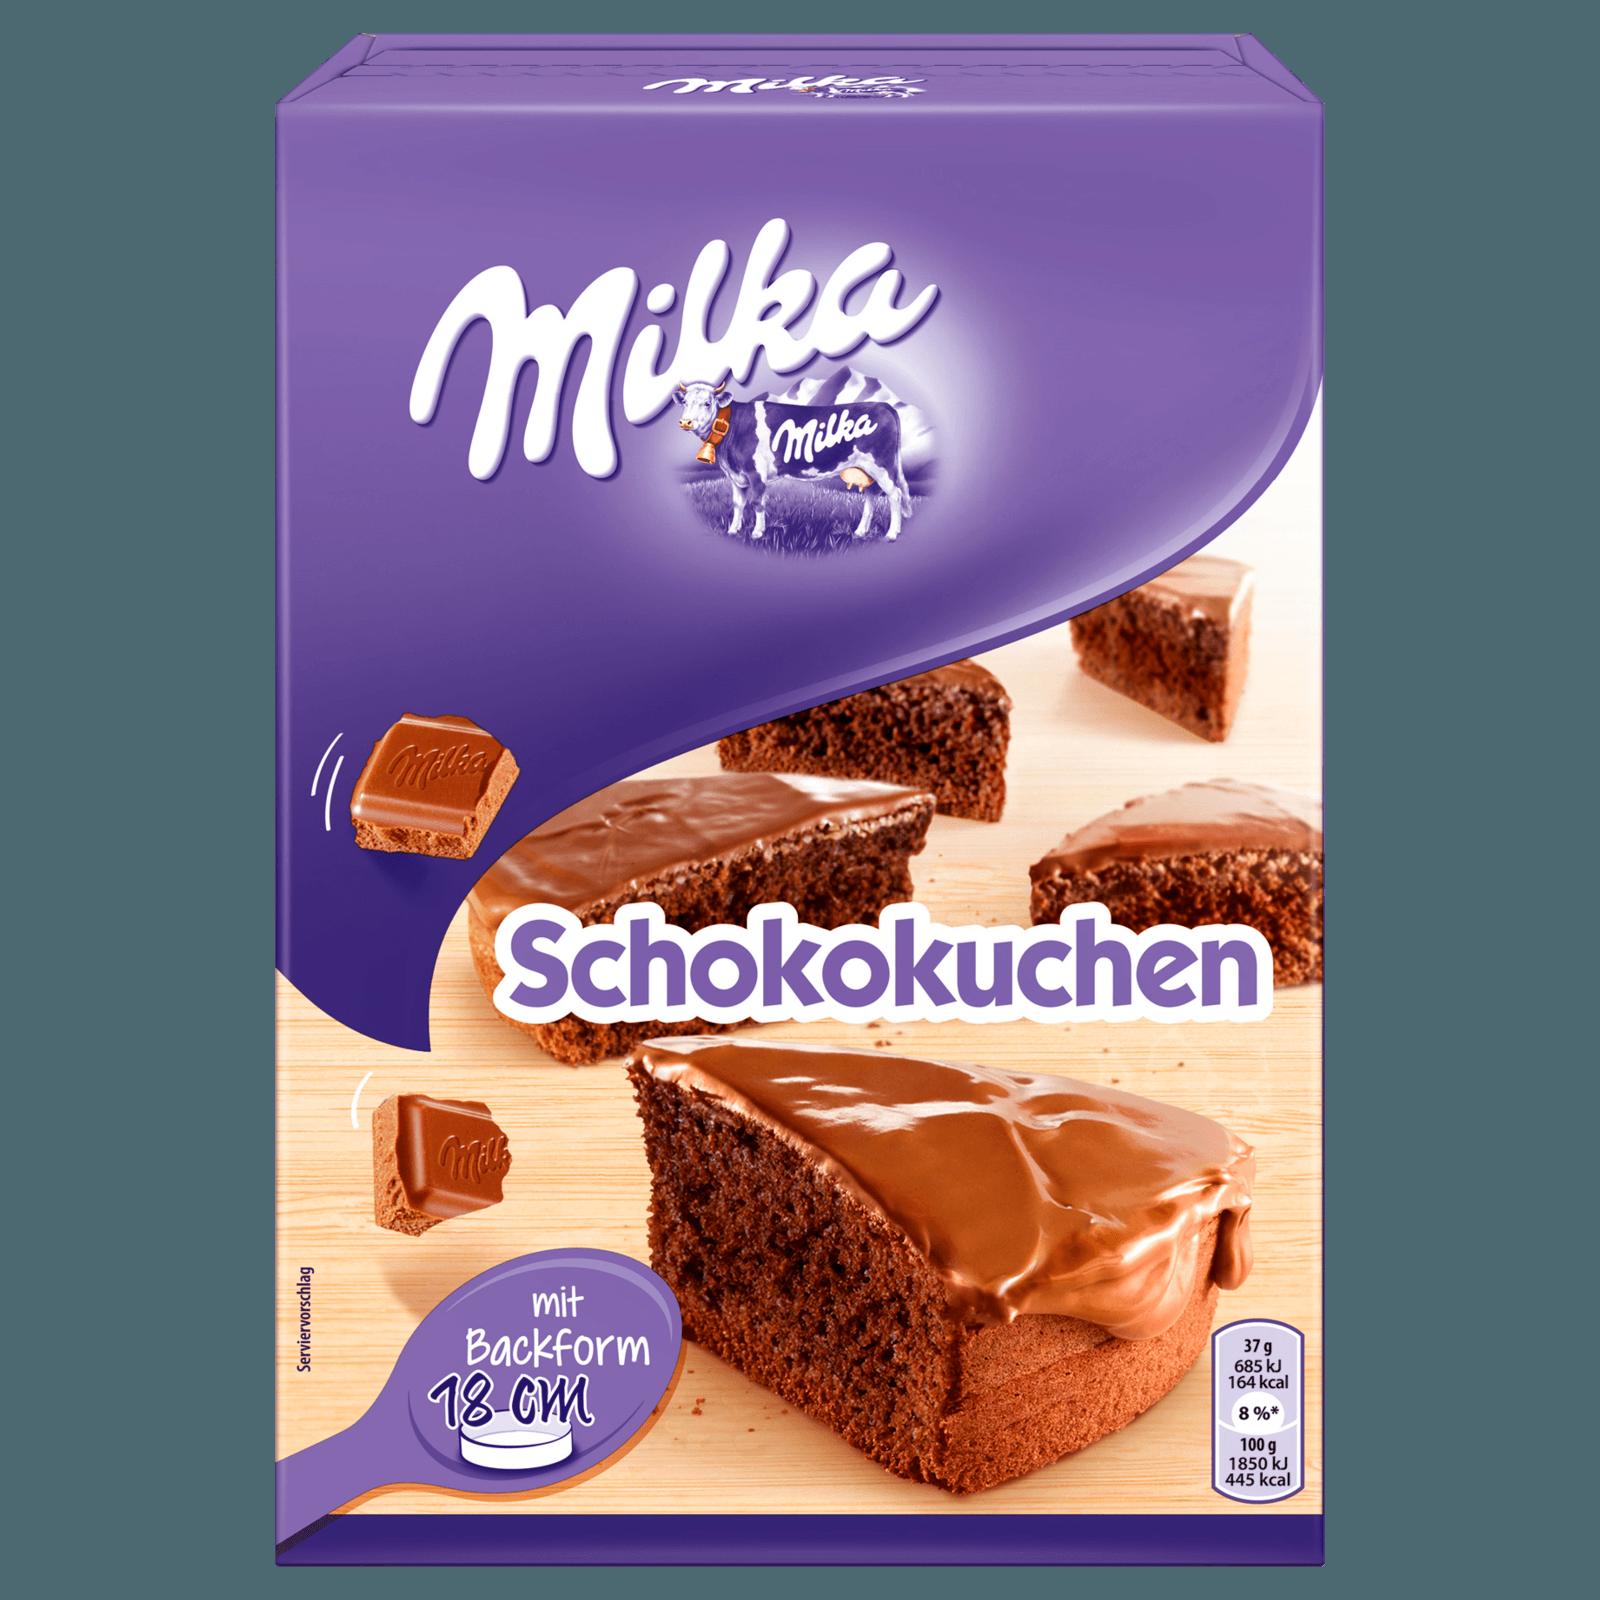 Milka Schokokuchen 230g Bei Rewe Online Bestellen